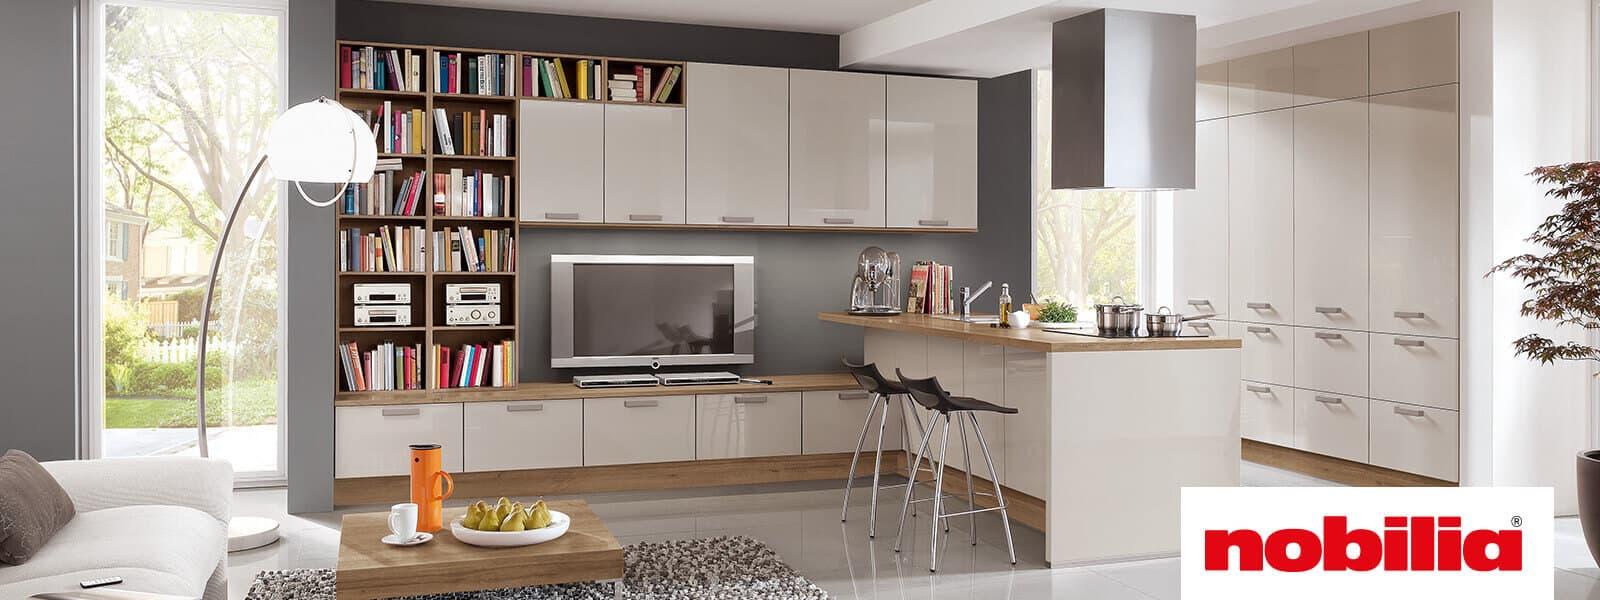 Full Size of Nobilia Luhochglanz Trifft Auf Gradliniges Design Ottoversand Betten Küche Einbauküche Wohnzimmer Nobilia Sand